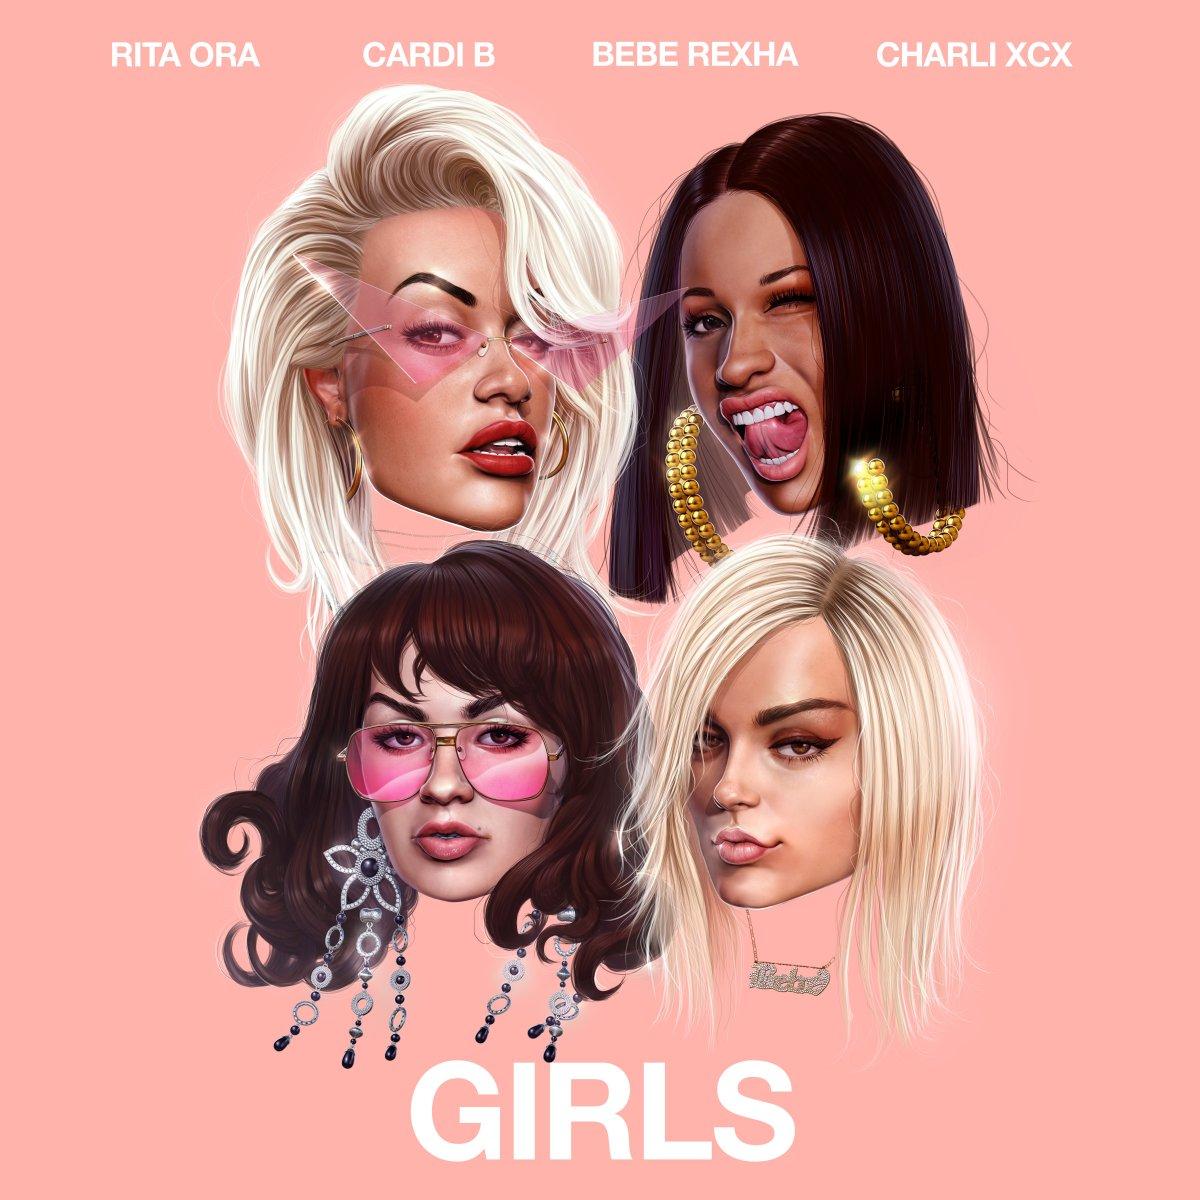 RT @MTV: ???? @RitaOra, @iamcardib, @BebeRexha, and @charli_xcx teamed up for #GIRLS: https://t.co/lBIHXknUJT https://t.co/OhV0DaT2NR